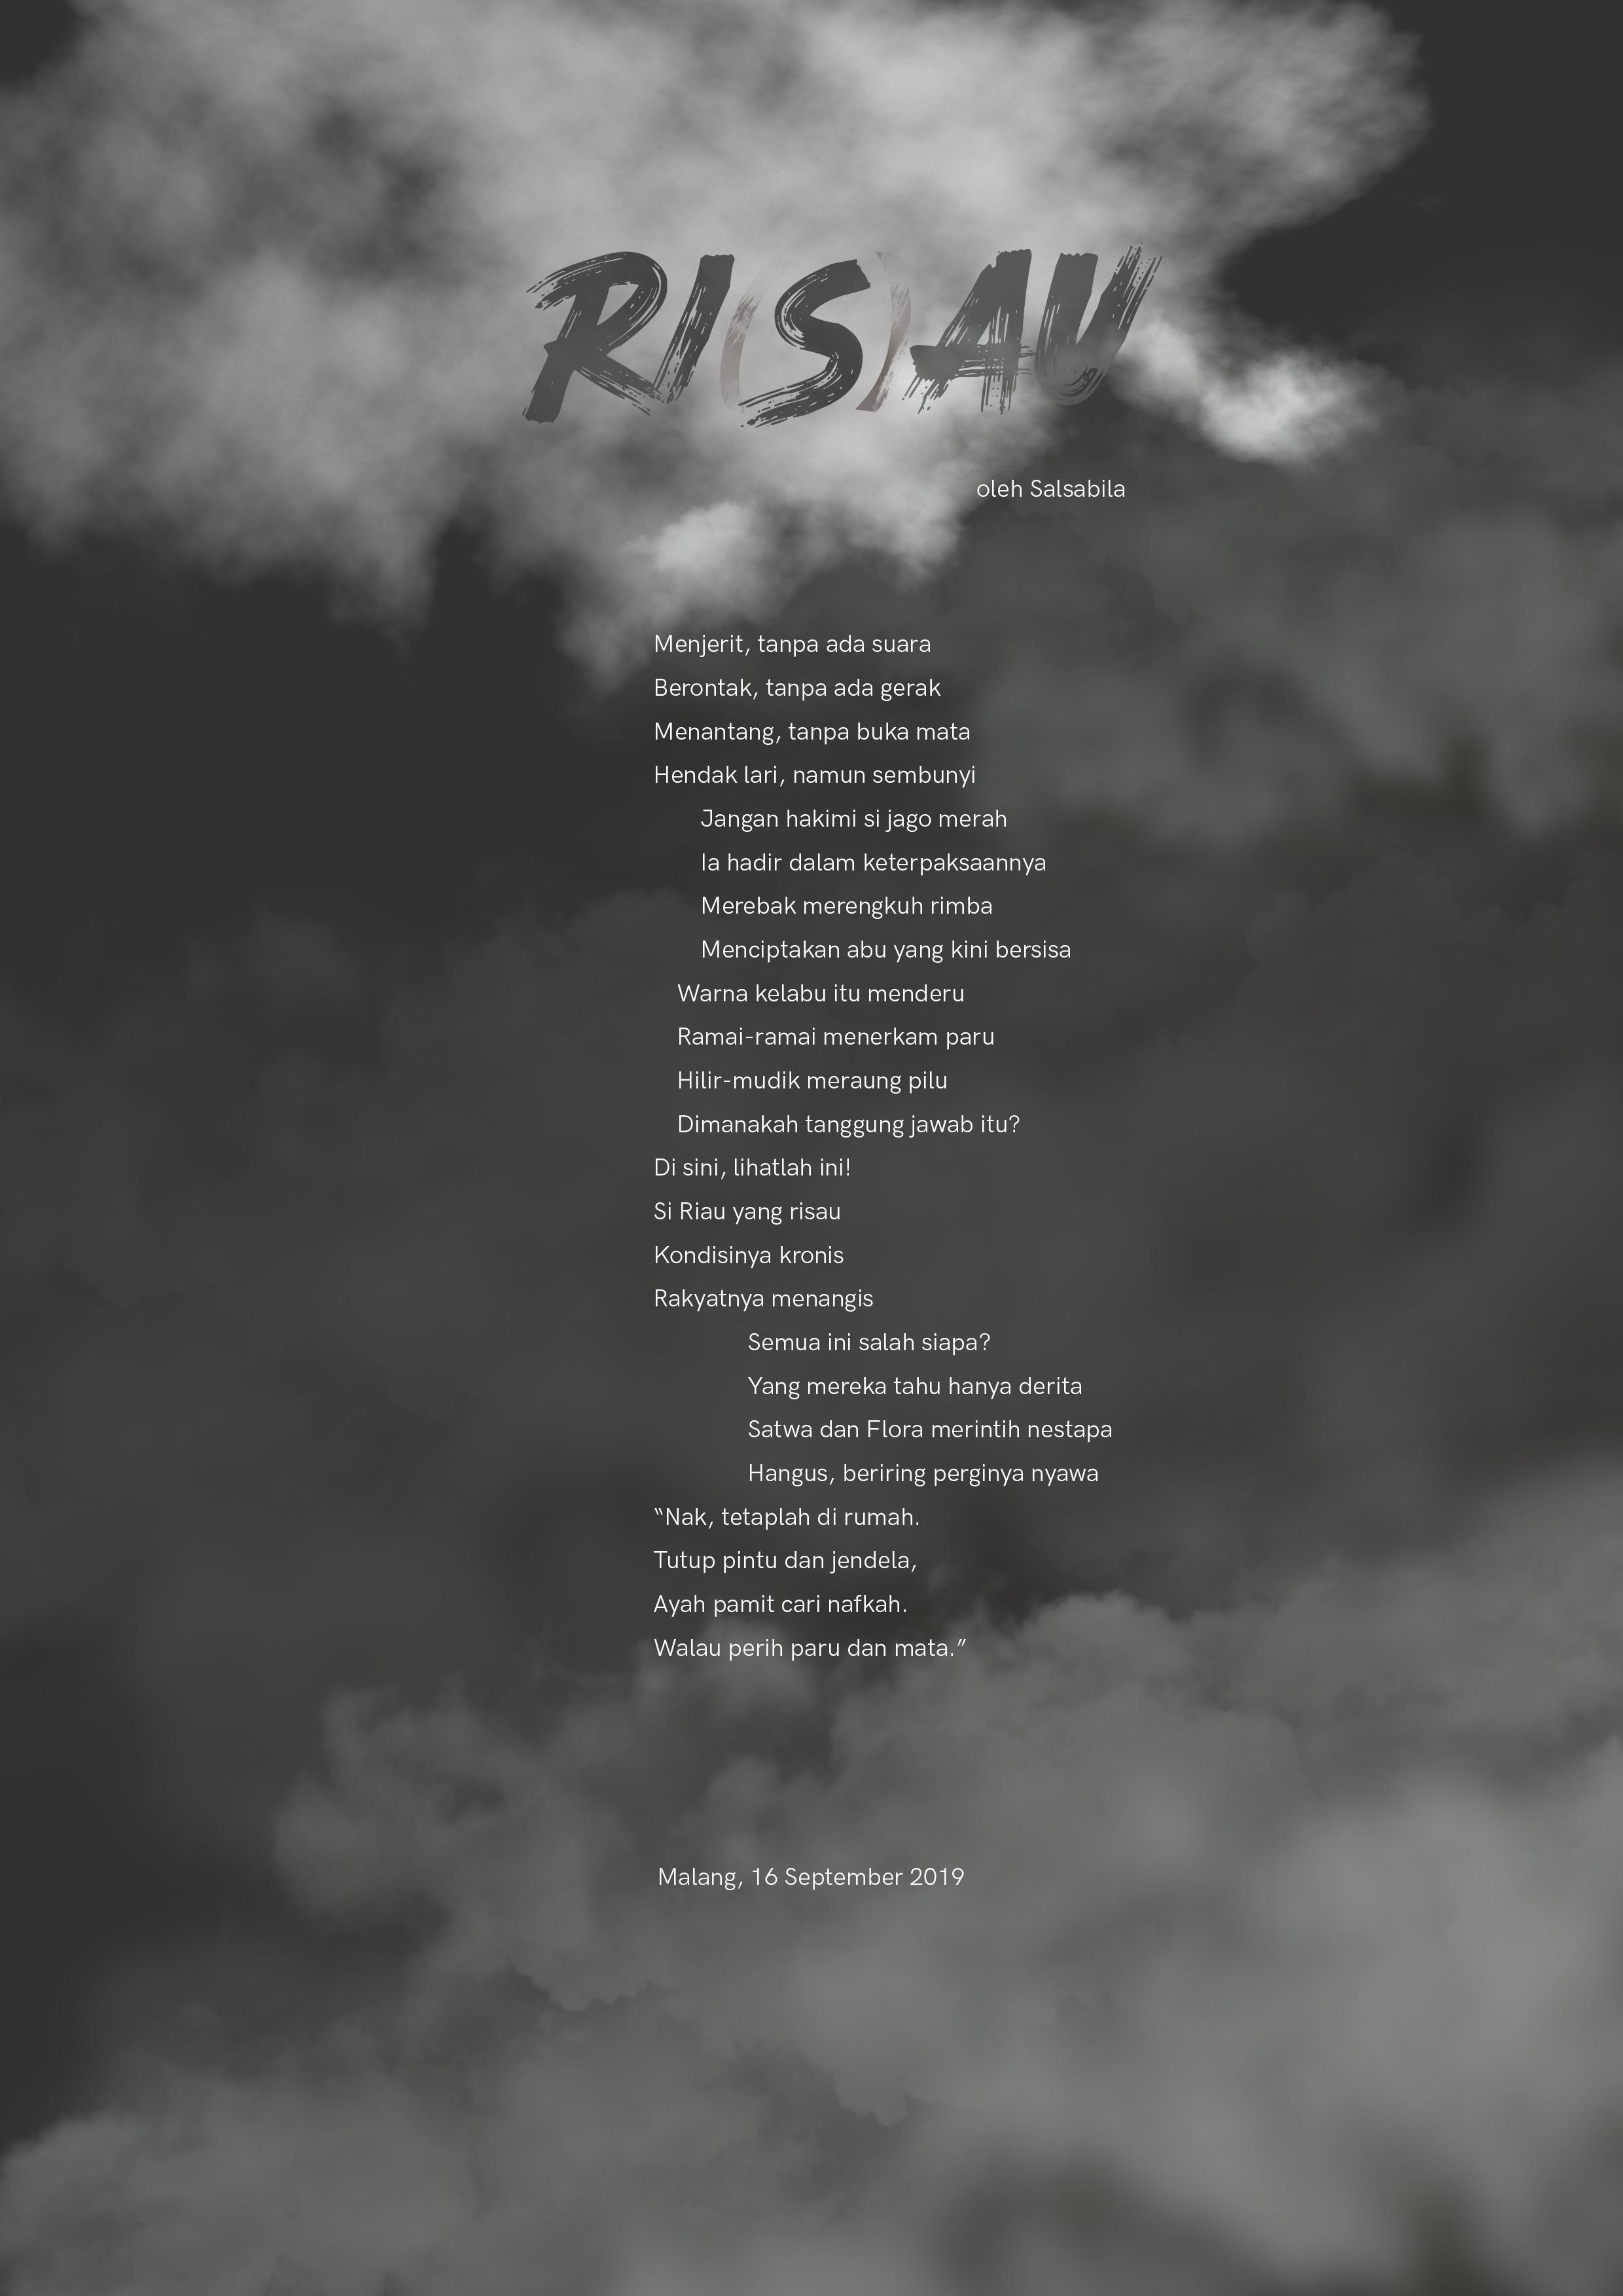 325_Puisi_risau